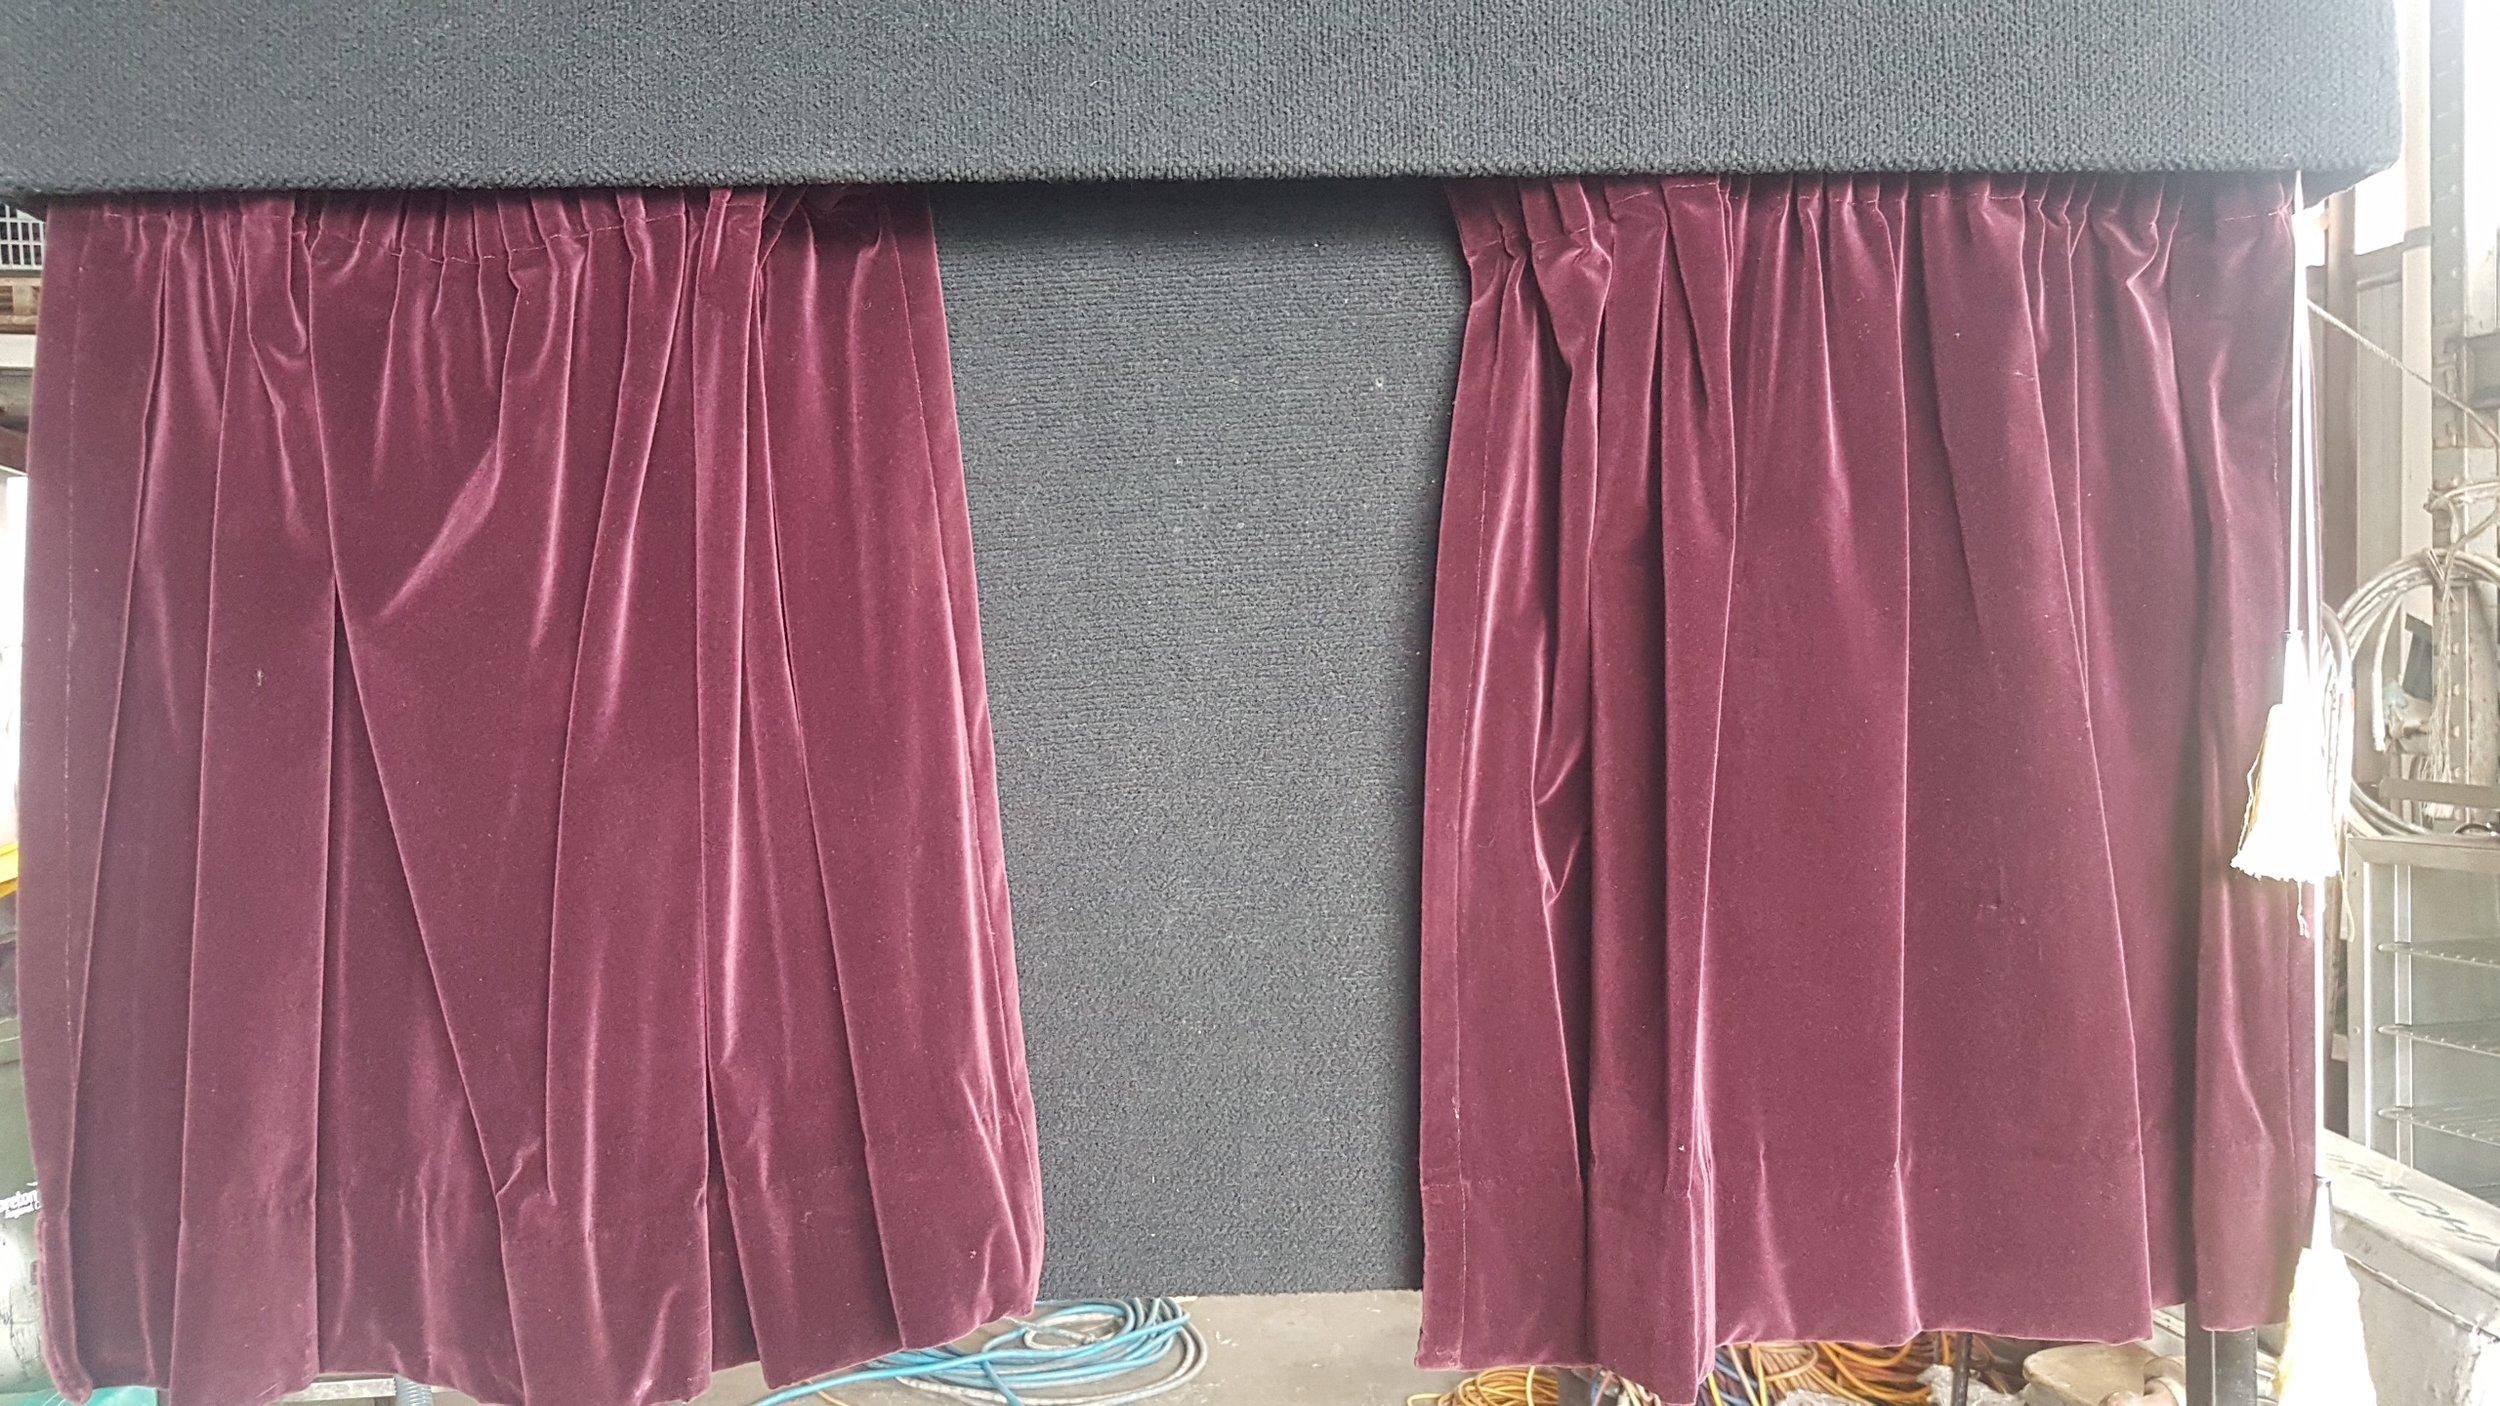 Unveiling Curtain $99.00